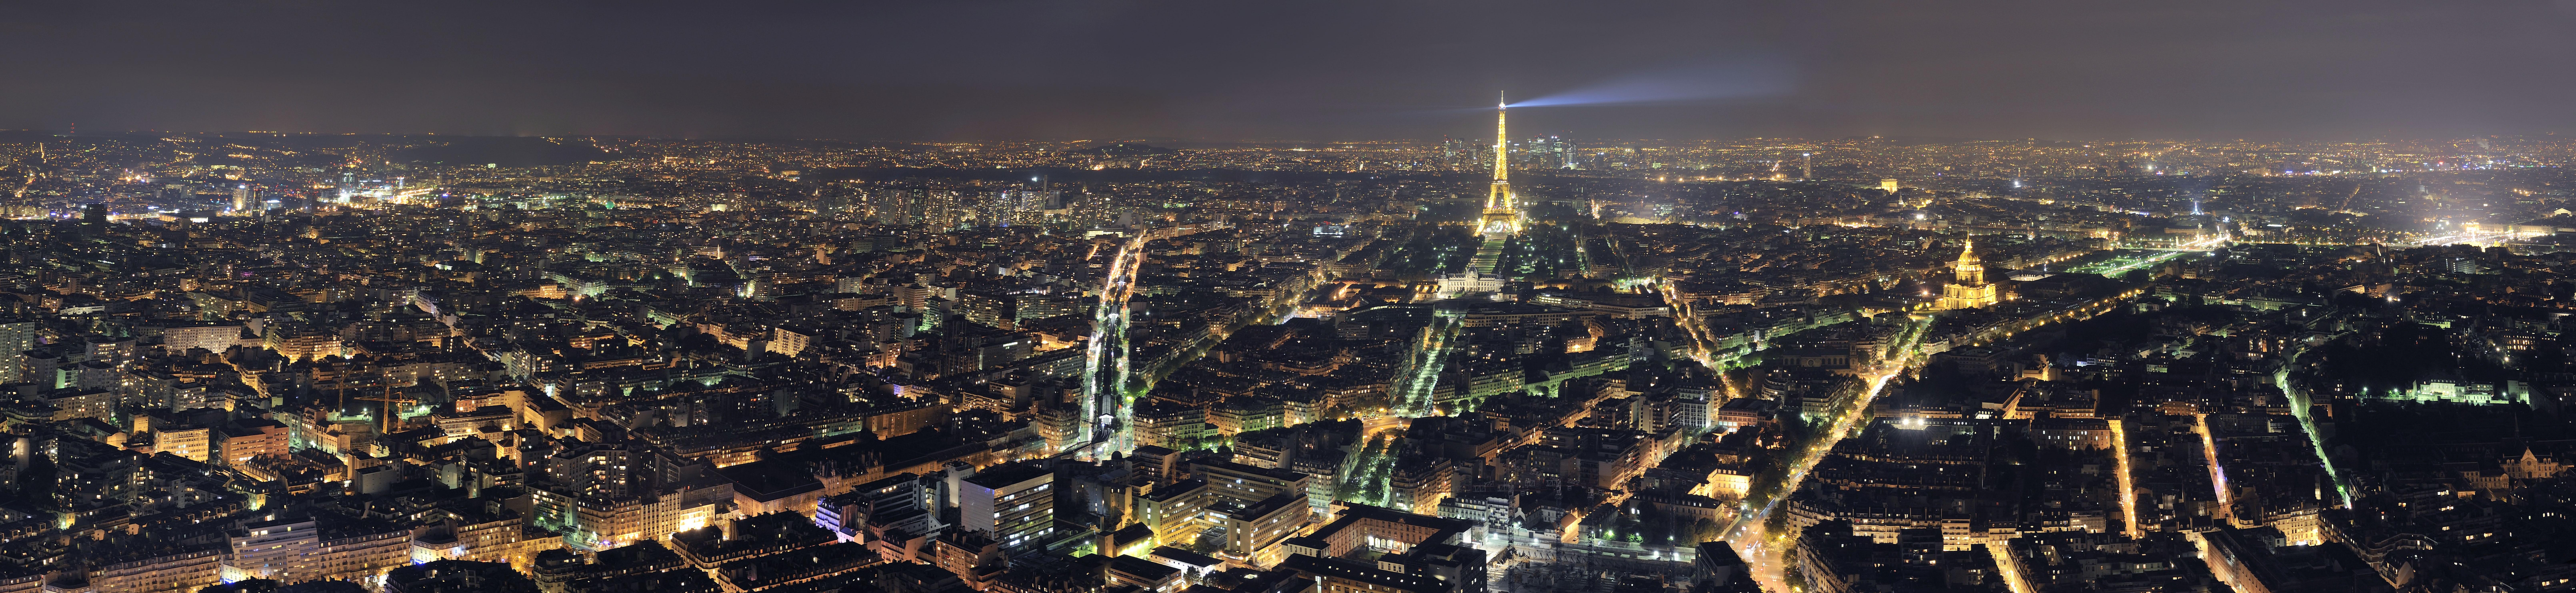 ParisPanoHD.jpg